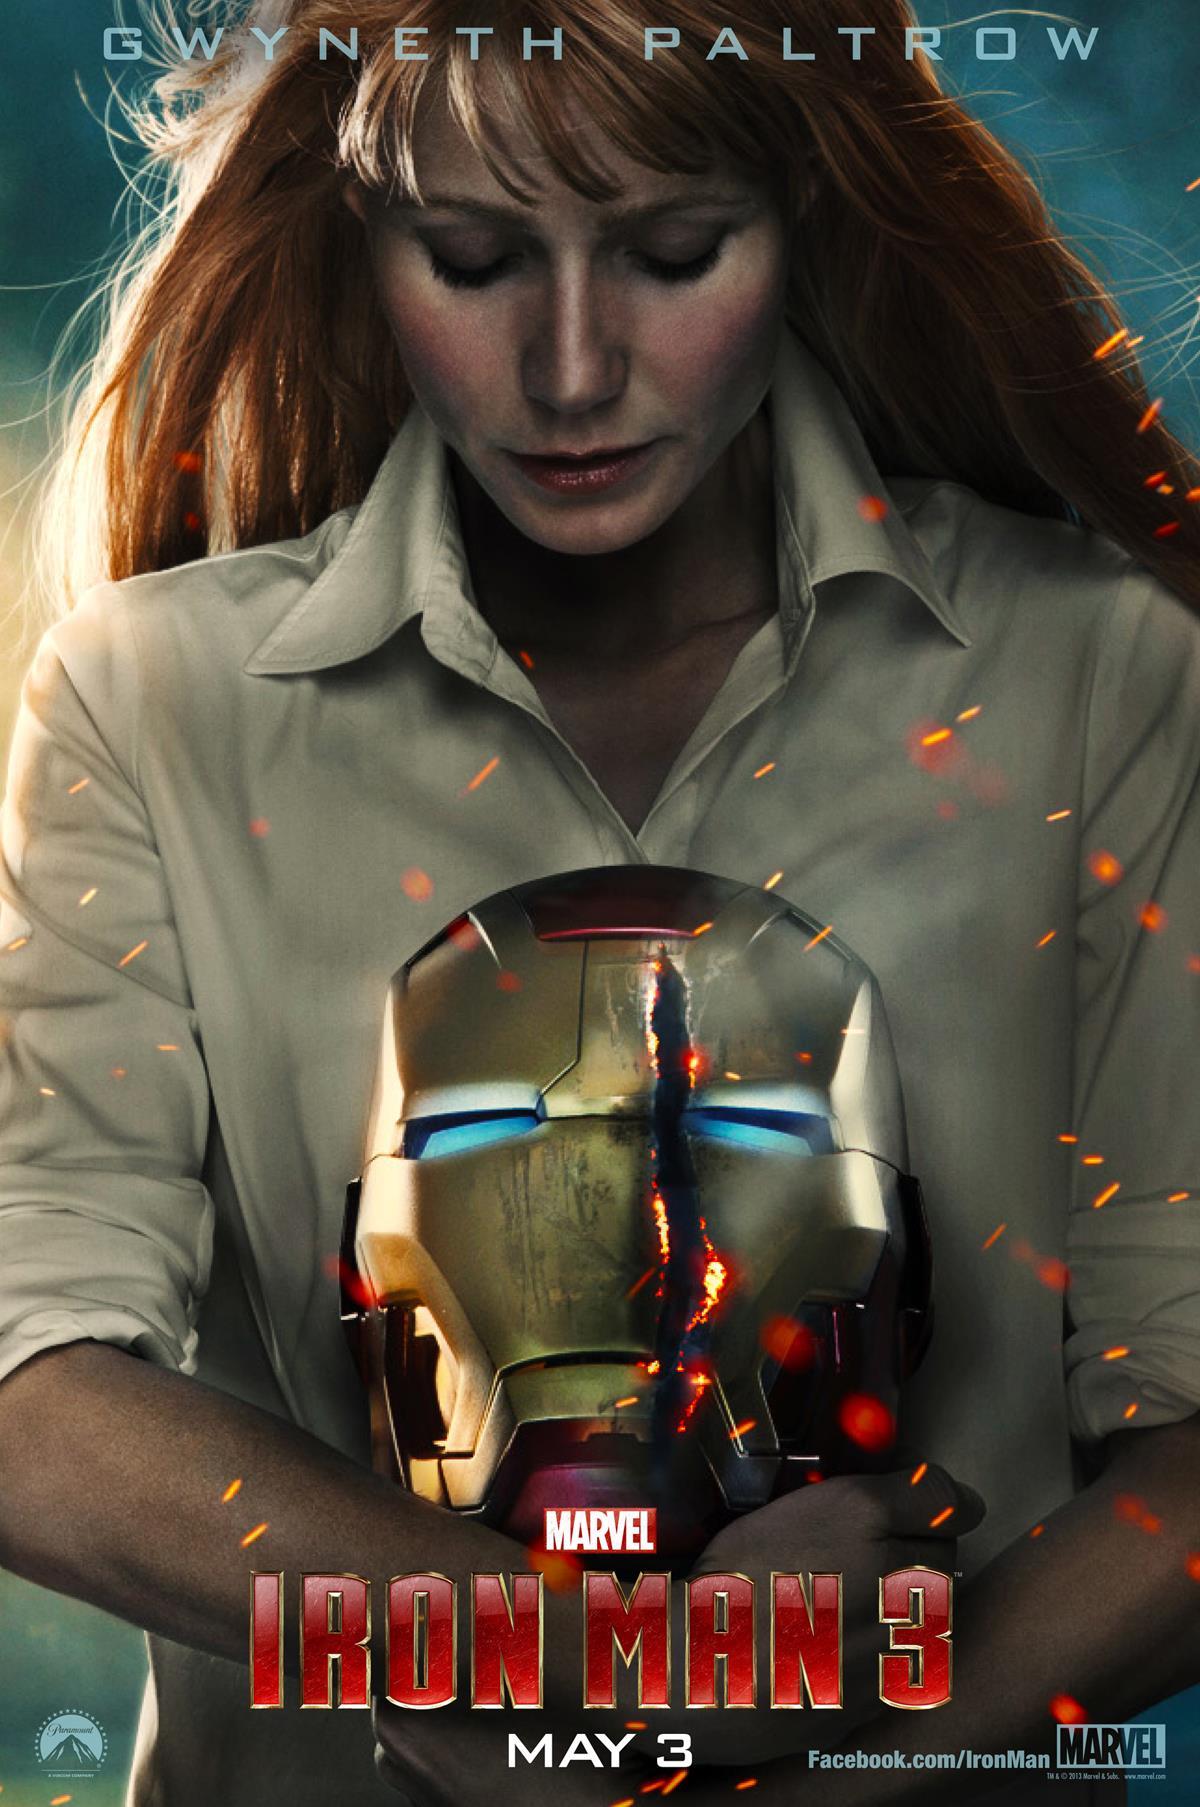 Gwyneth Paltrow Iron Man 1